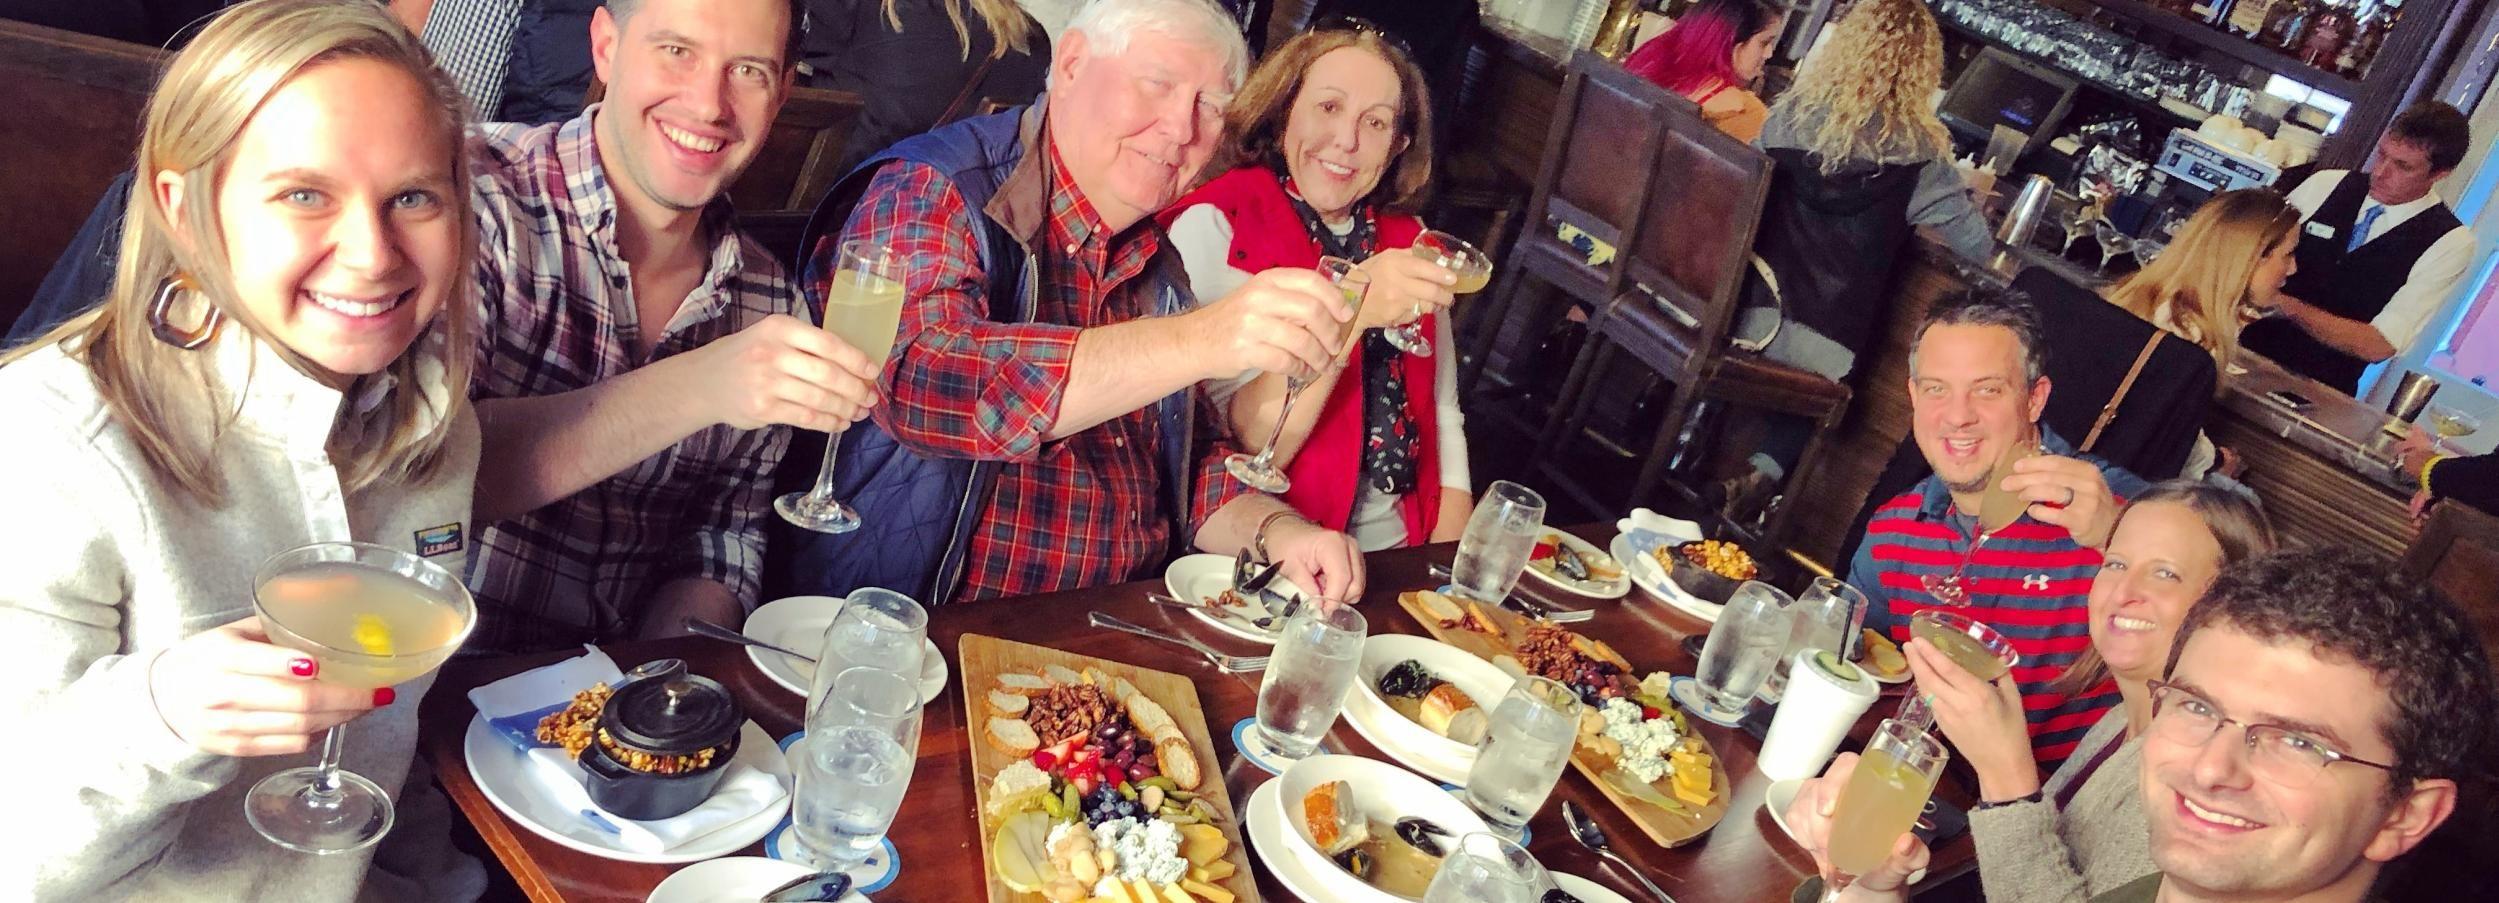 Nueva Orleans: Combo Cocktail e historia de la gastronomía